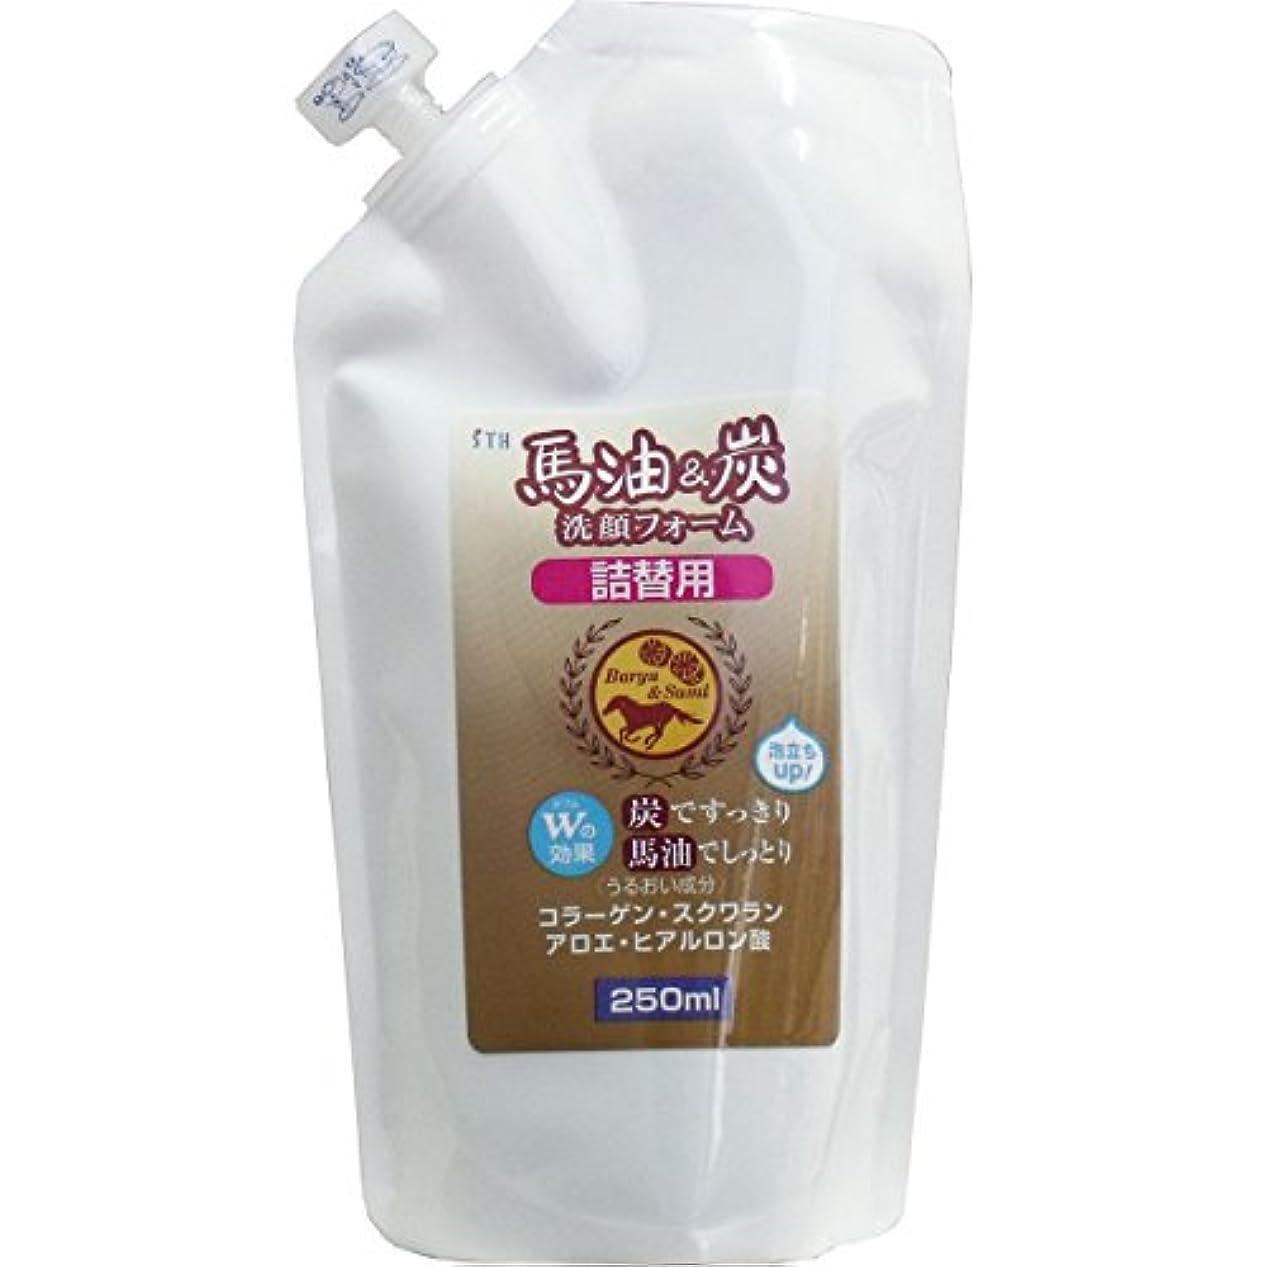 州有毒なメロディアス馬油&炭洗顔フォーム【詰替用250ml】×2袋